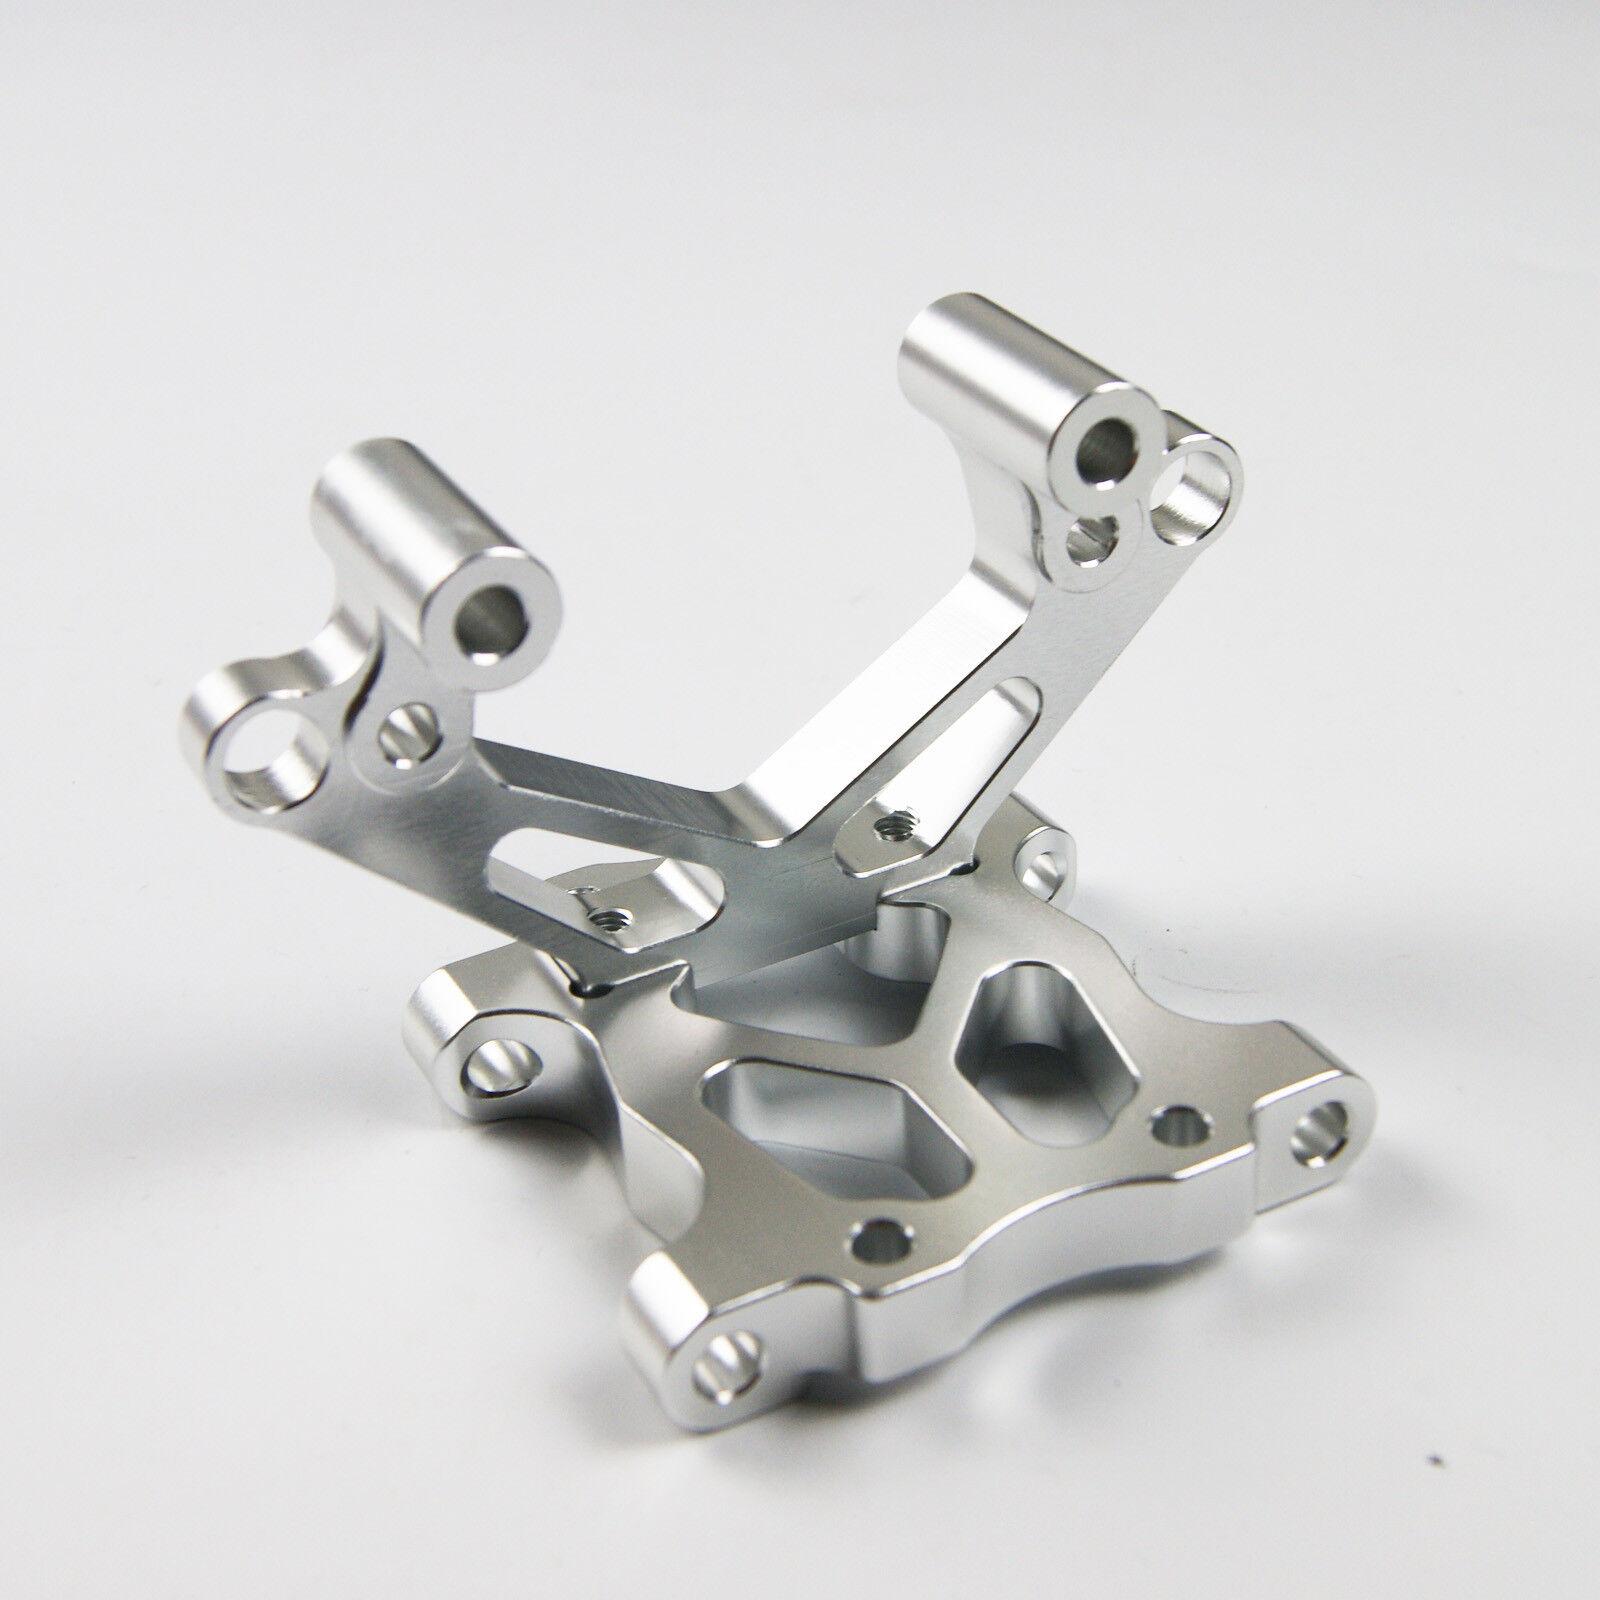 vendita scontata Parte anteriore anteriore anteriore in lega d'argentooo testa di massa per HPI RV Baja 5B SS 5T 5SC  Sconto del 40%